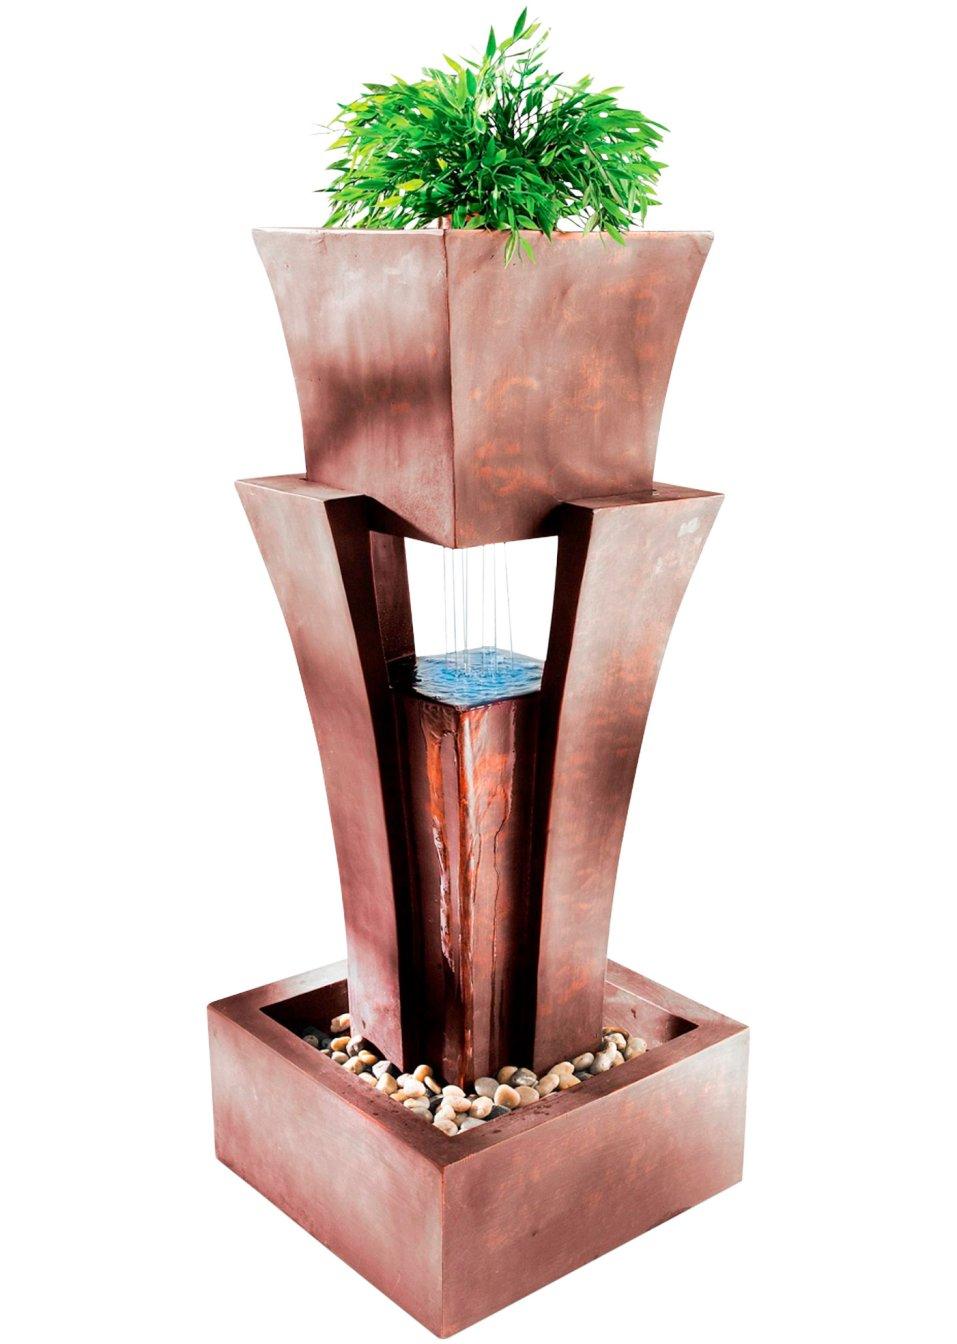 miavilla zimmerbrunnen maya braun wohnen home. Black Bedroom Furniture Sets. Home Design Ideas